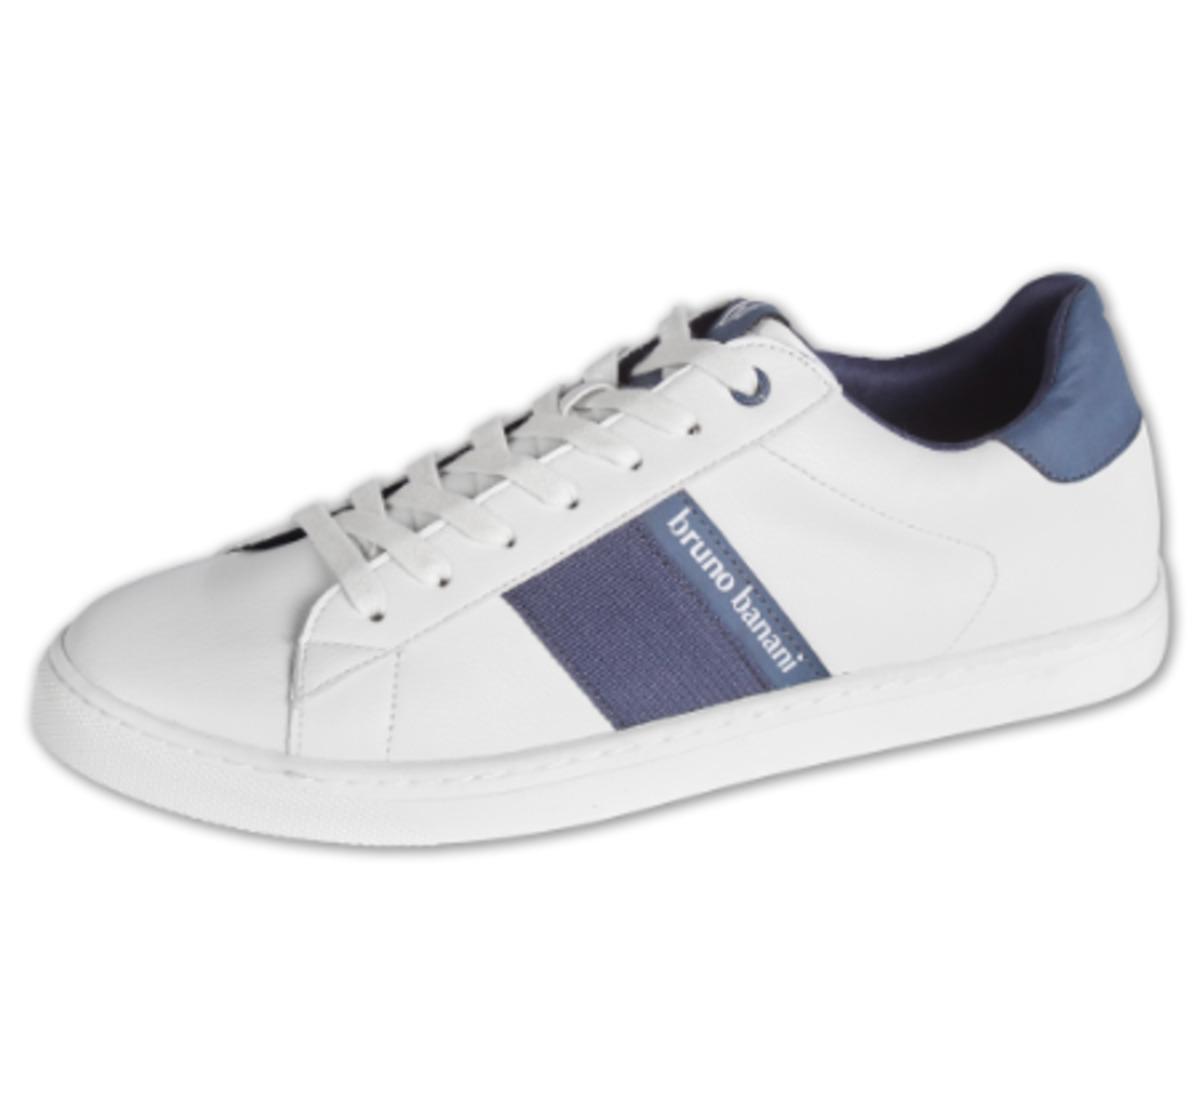 Bild 2 von BRUNO BANANI Sportliche Herren-Sneaker